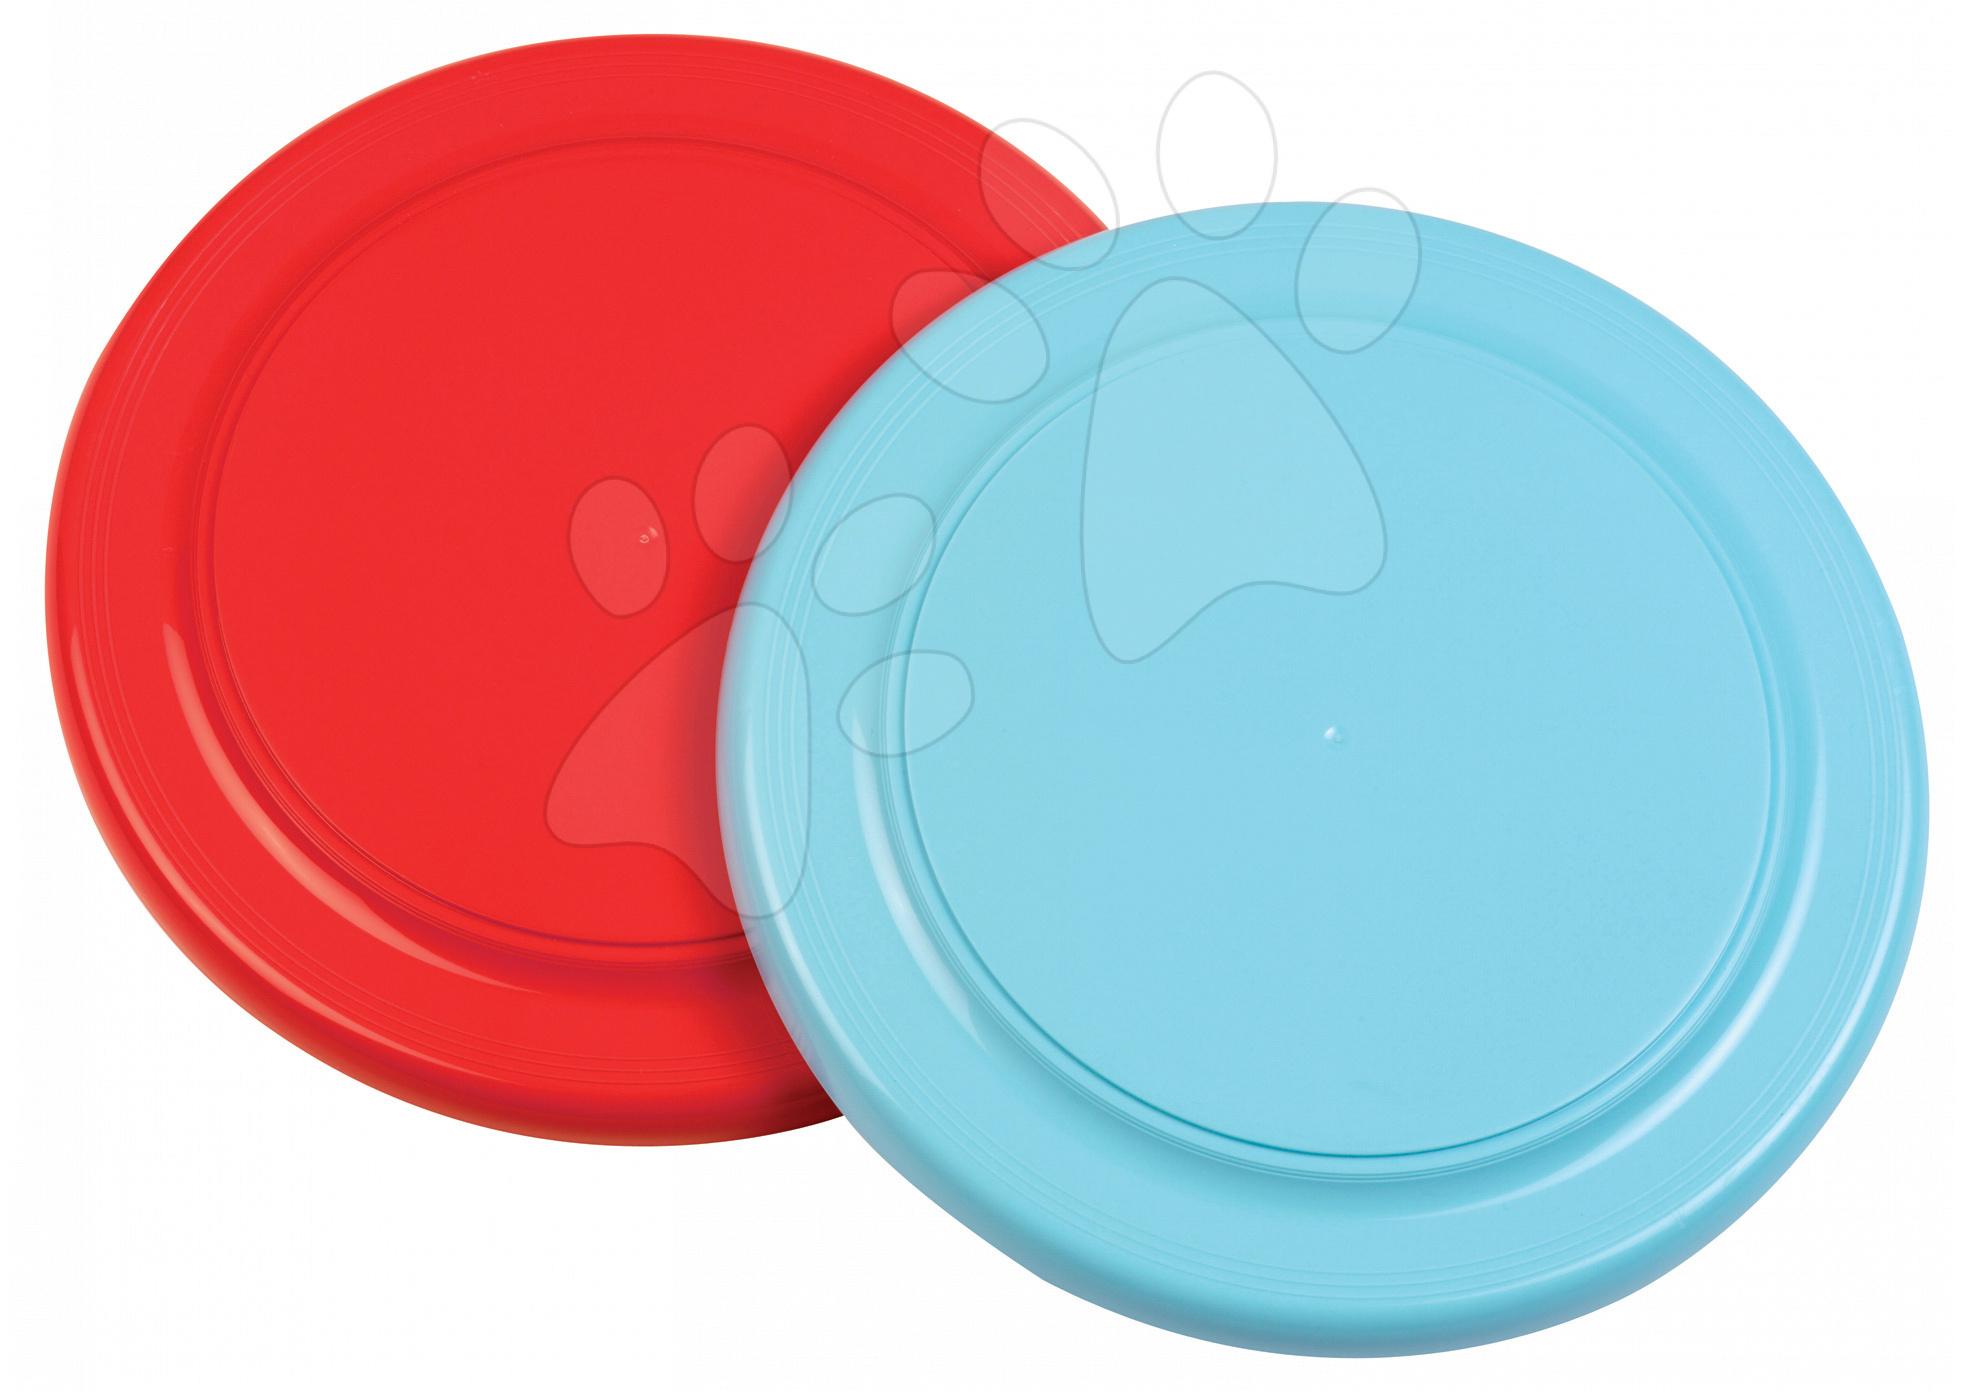 Létající talíř Écoiffier průměr 22,5 cm bleděmodrý/červený od 18 měsíců